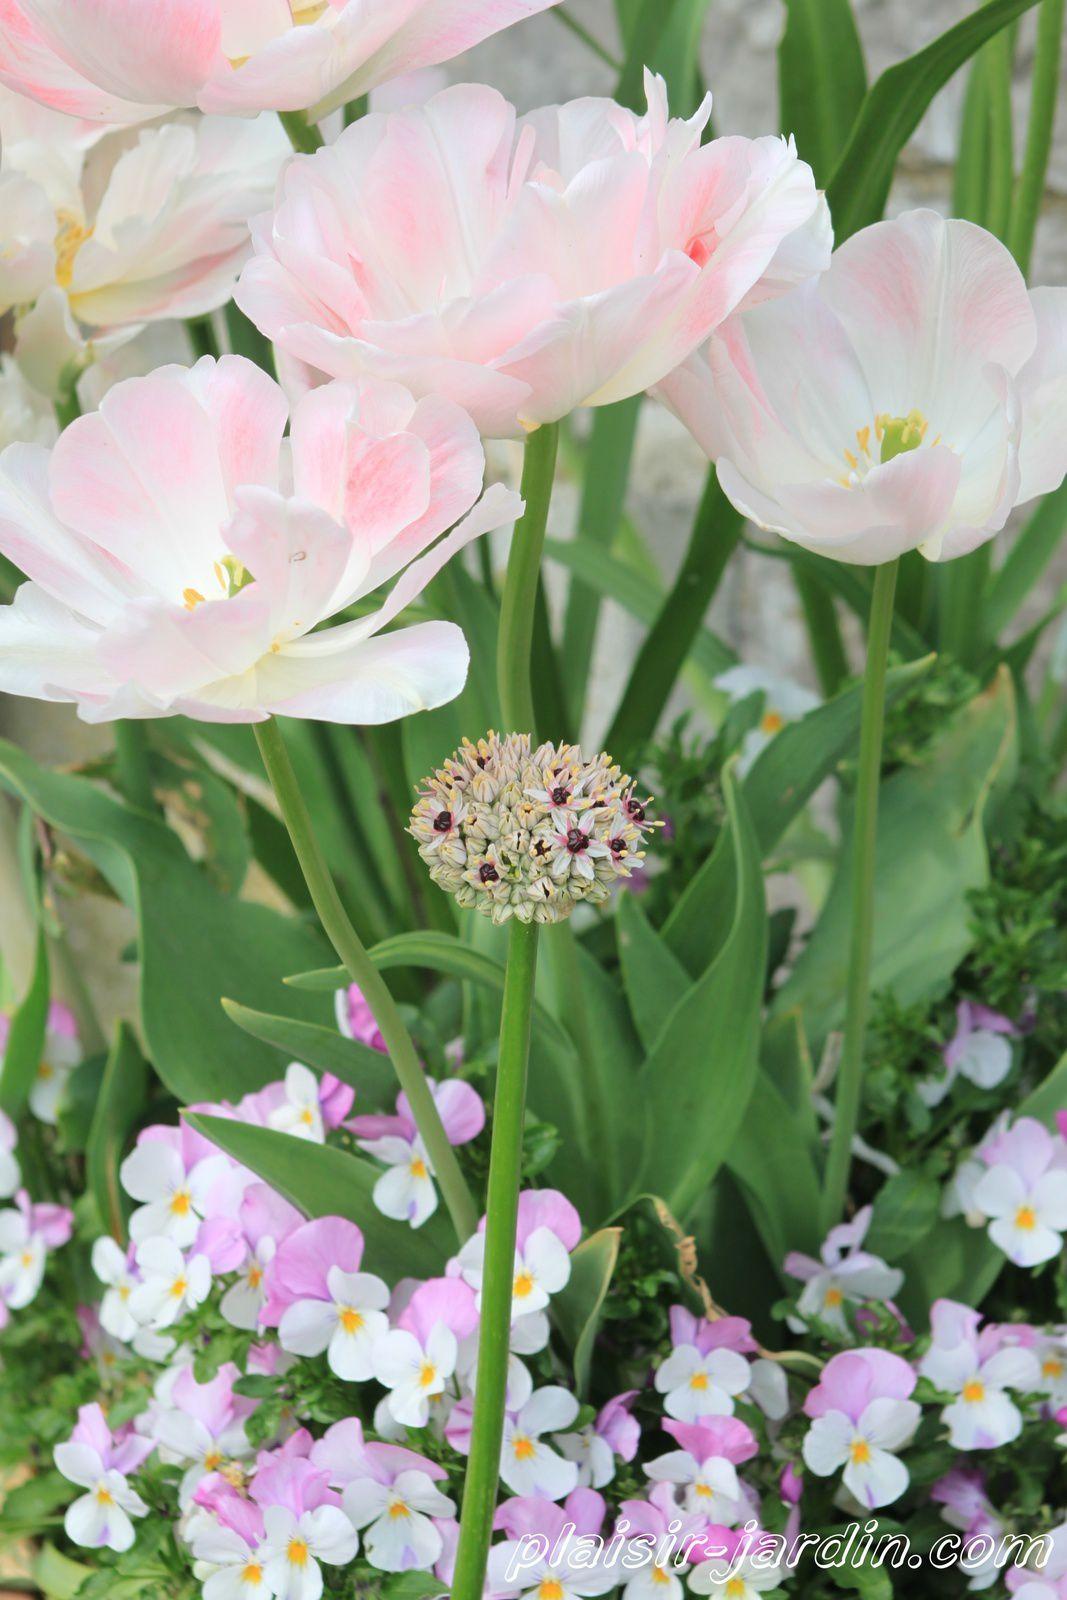 Allium multibulbosum 'Silver Spring'